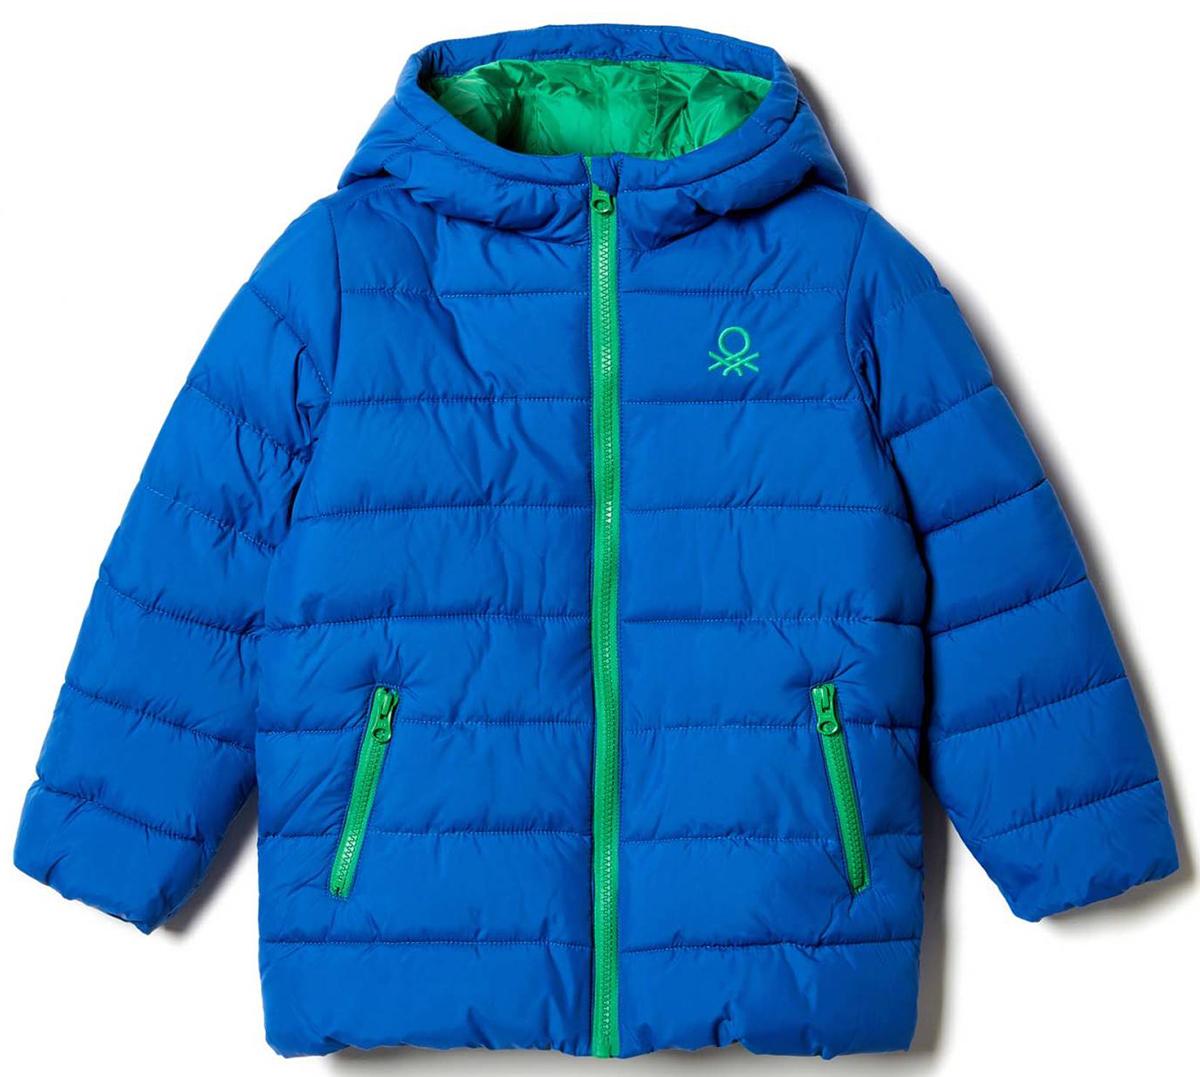 Куртка для мальчика United Colors of Benetton, цвет: синий. 2WU0539Q0_33M. Размер 822WU0539Q0_33MКуртка для мальчика United Colors of Benetton выполнена из полиэстера. Модель с капюшоном и длинными рукавами застегивается на застежку-молнию.